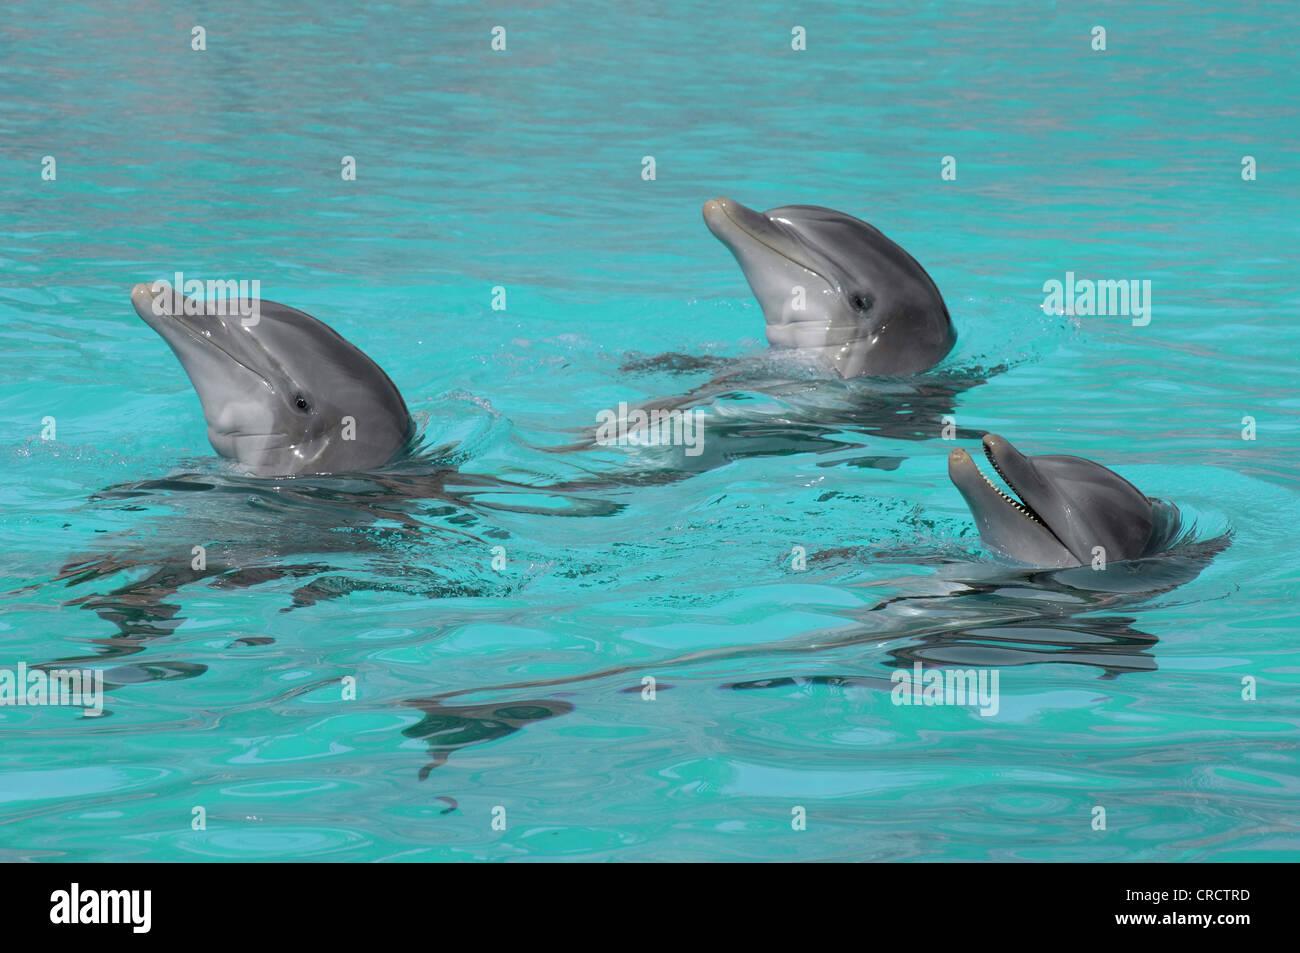 bottlenosed dolphin, common bottle-nosed dolphin (Tursiops truncatus), Drei synchron schwimmende Delfine - Stock Image